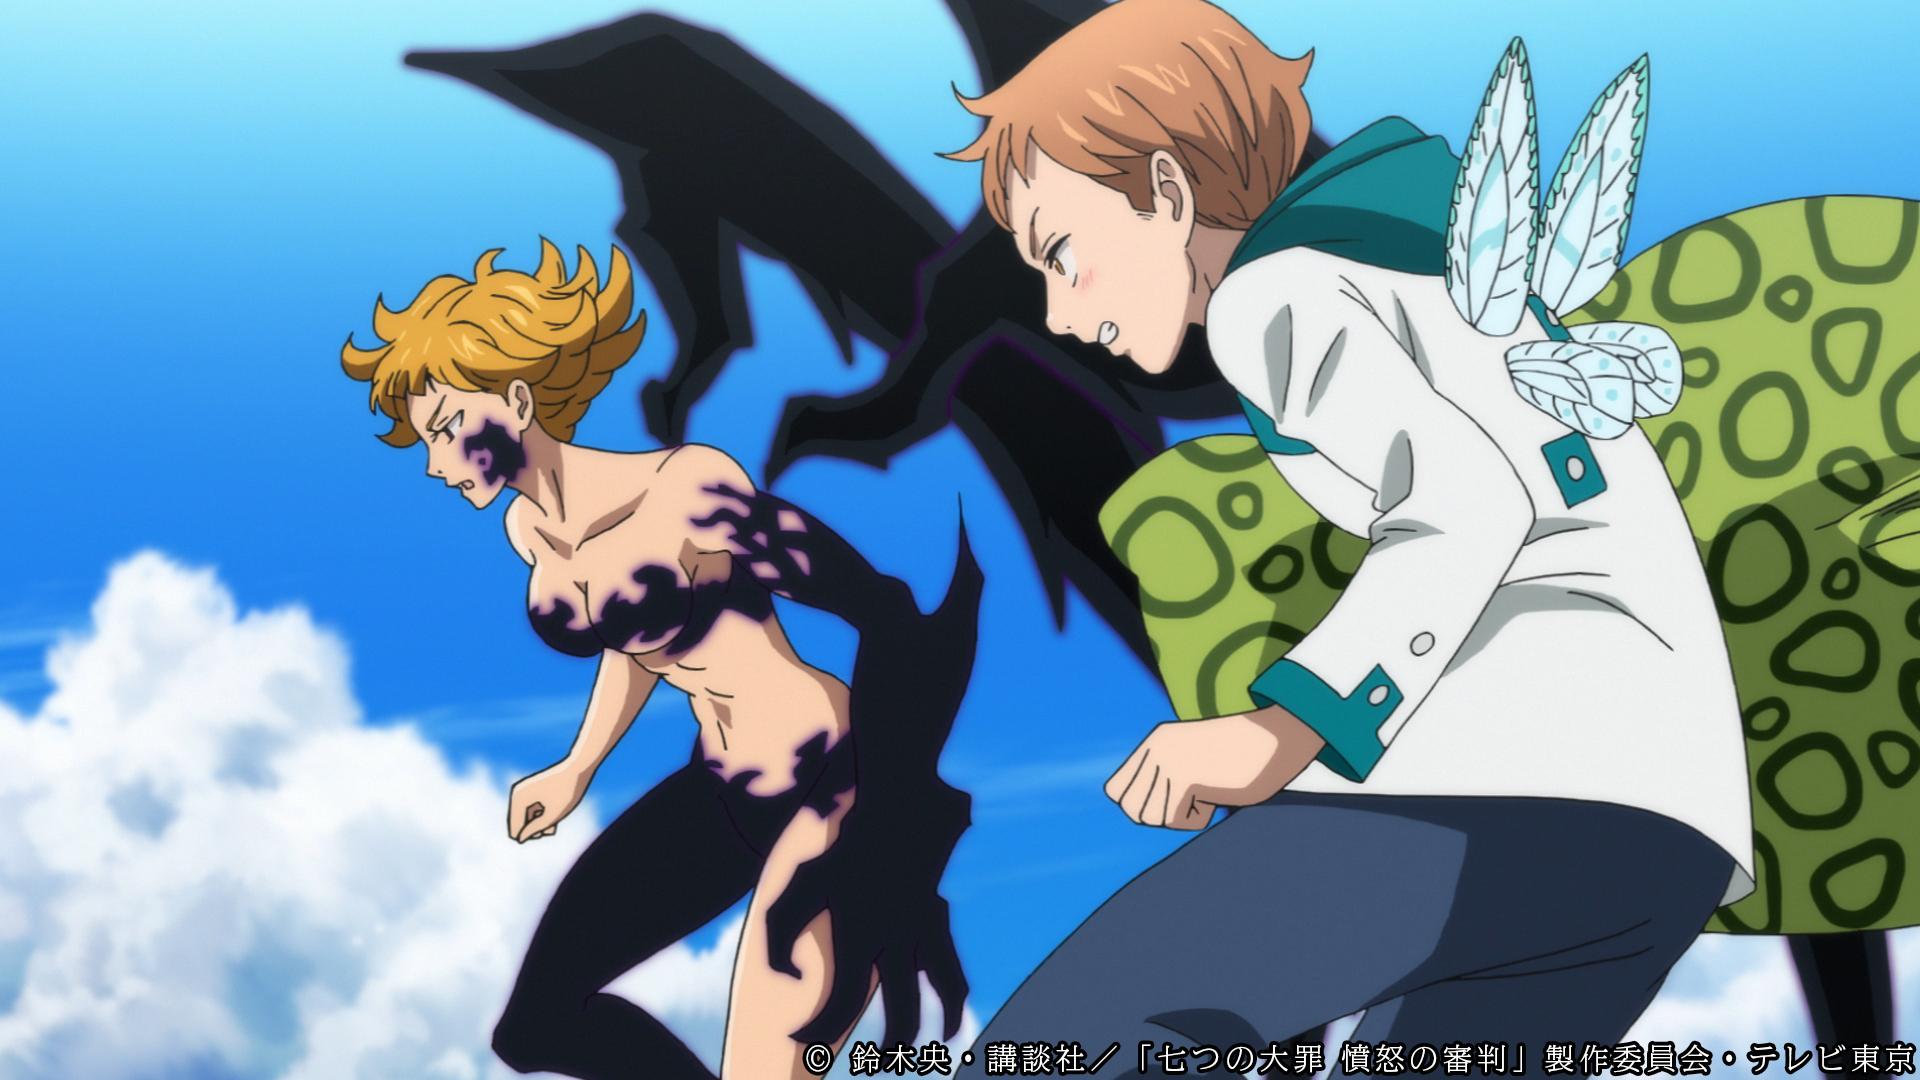 TVアニメ「七つの大罪 憤怒の審判」第1話「煉獄より」先行カット